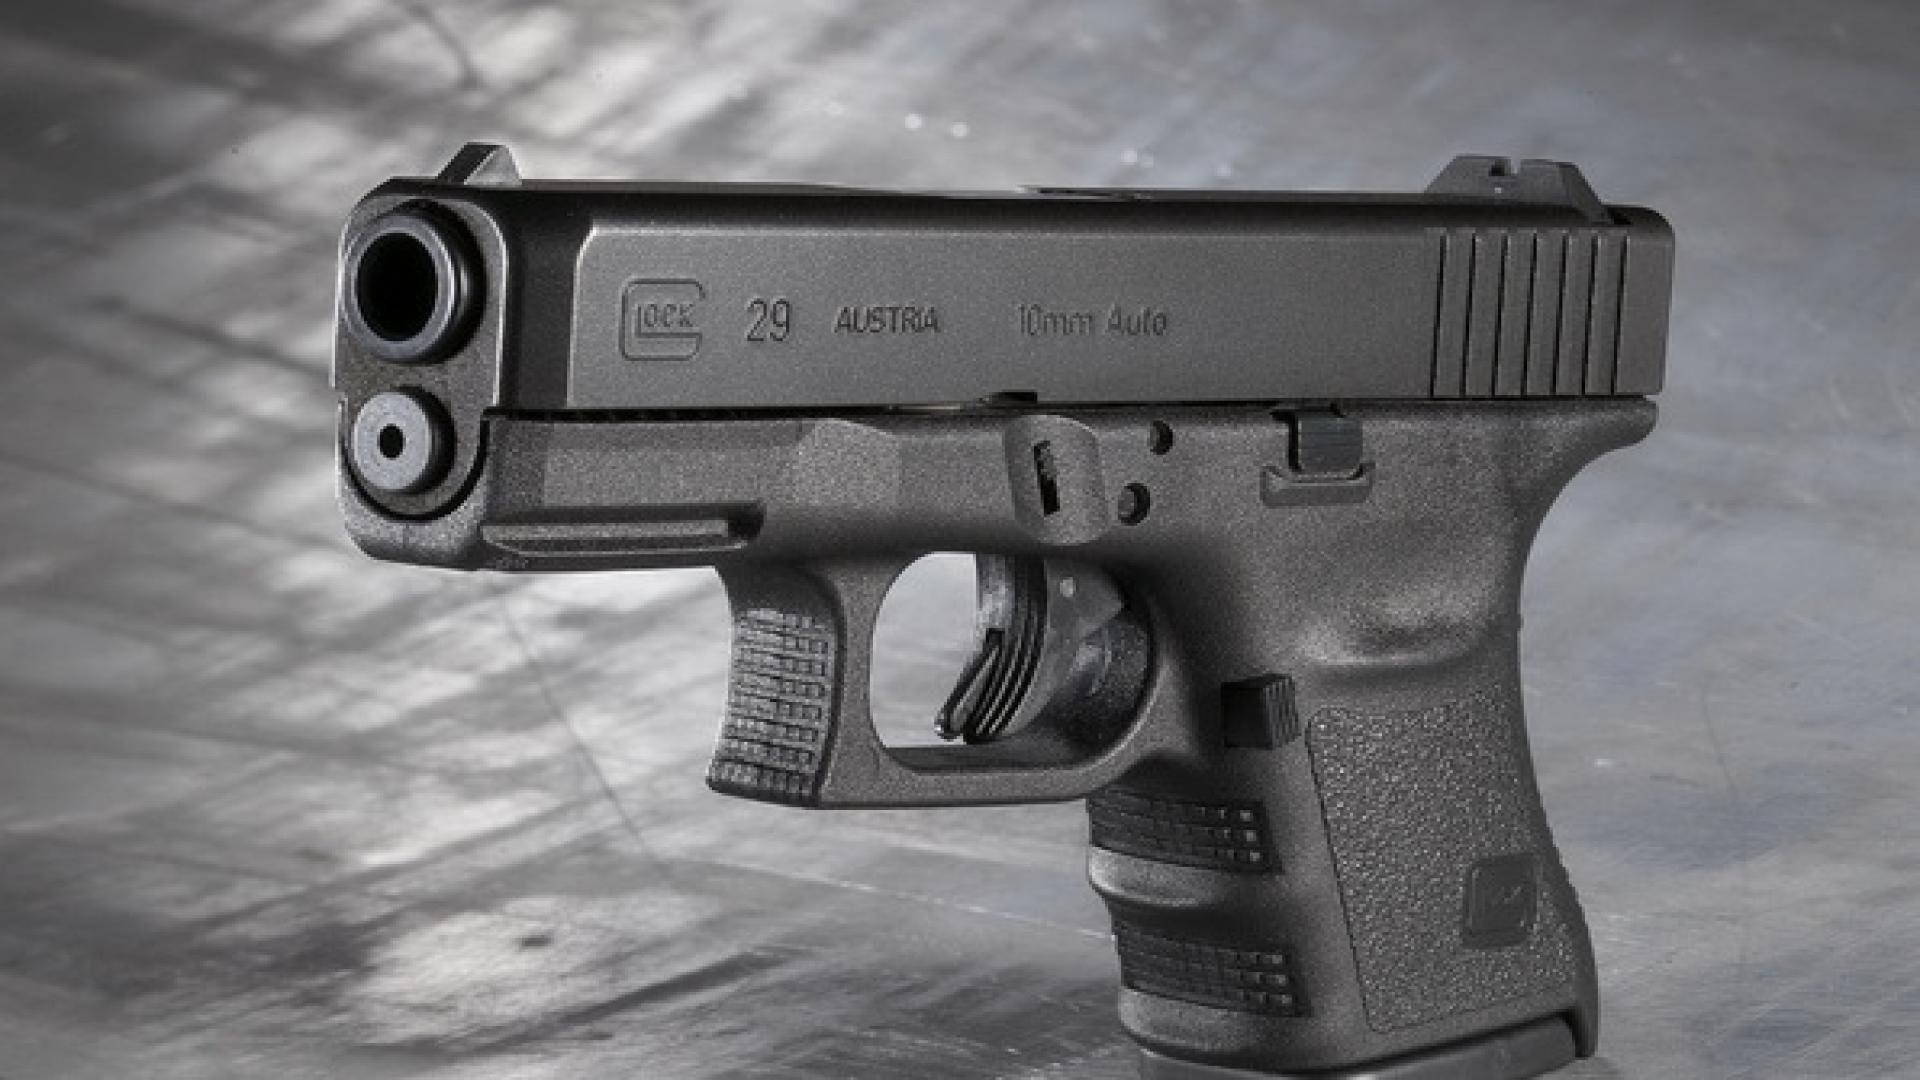 46+ Glock 19 Wallpaper Desktop